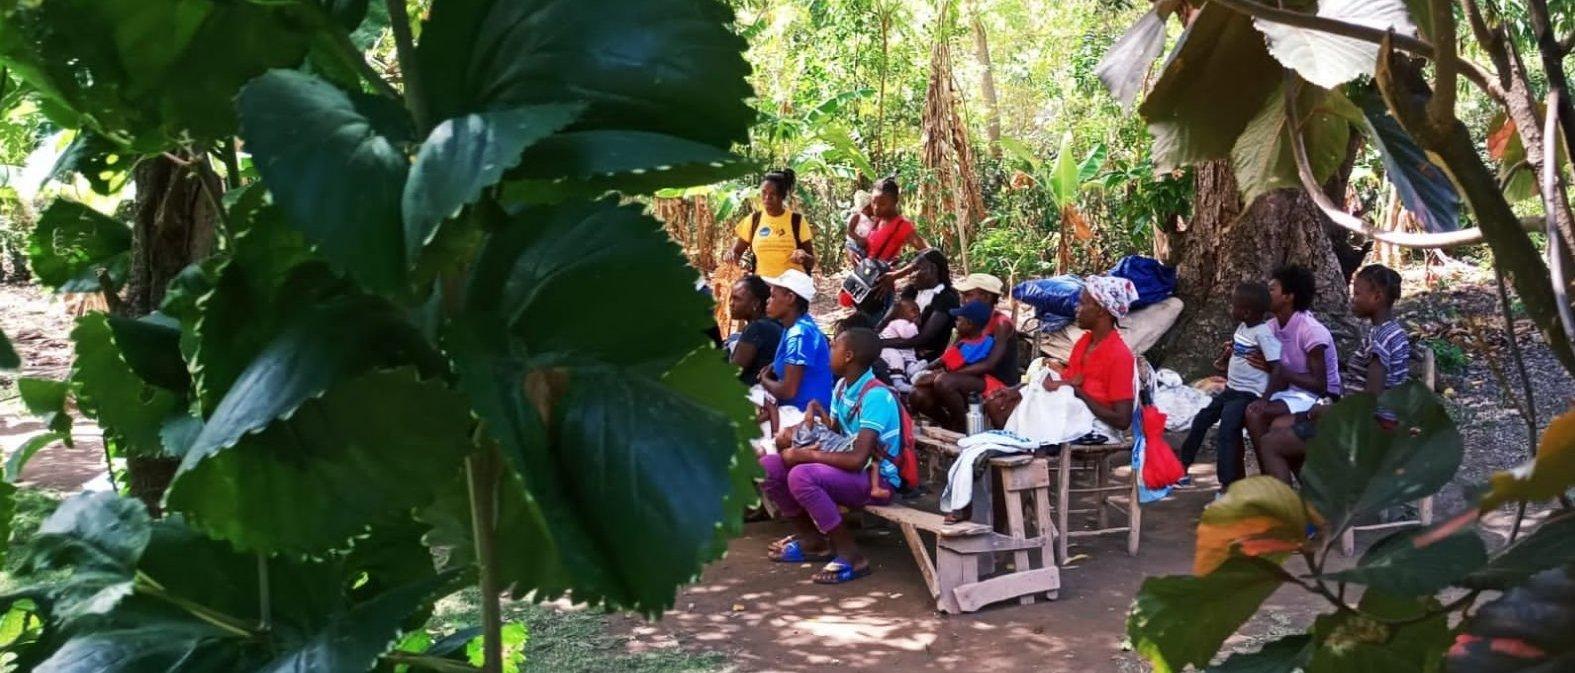 Programa de intervención COVID19 en Haití